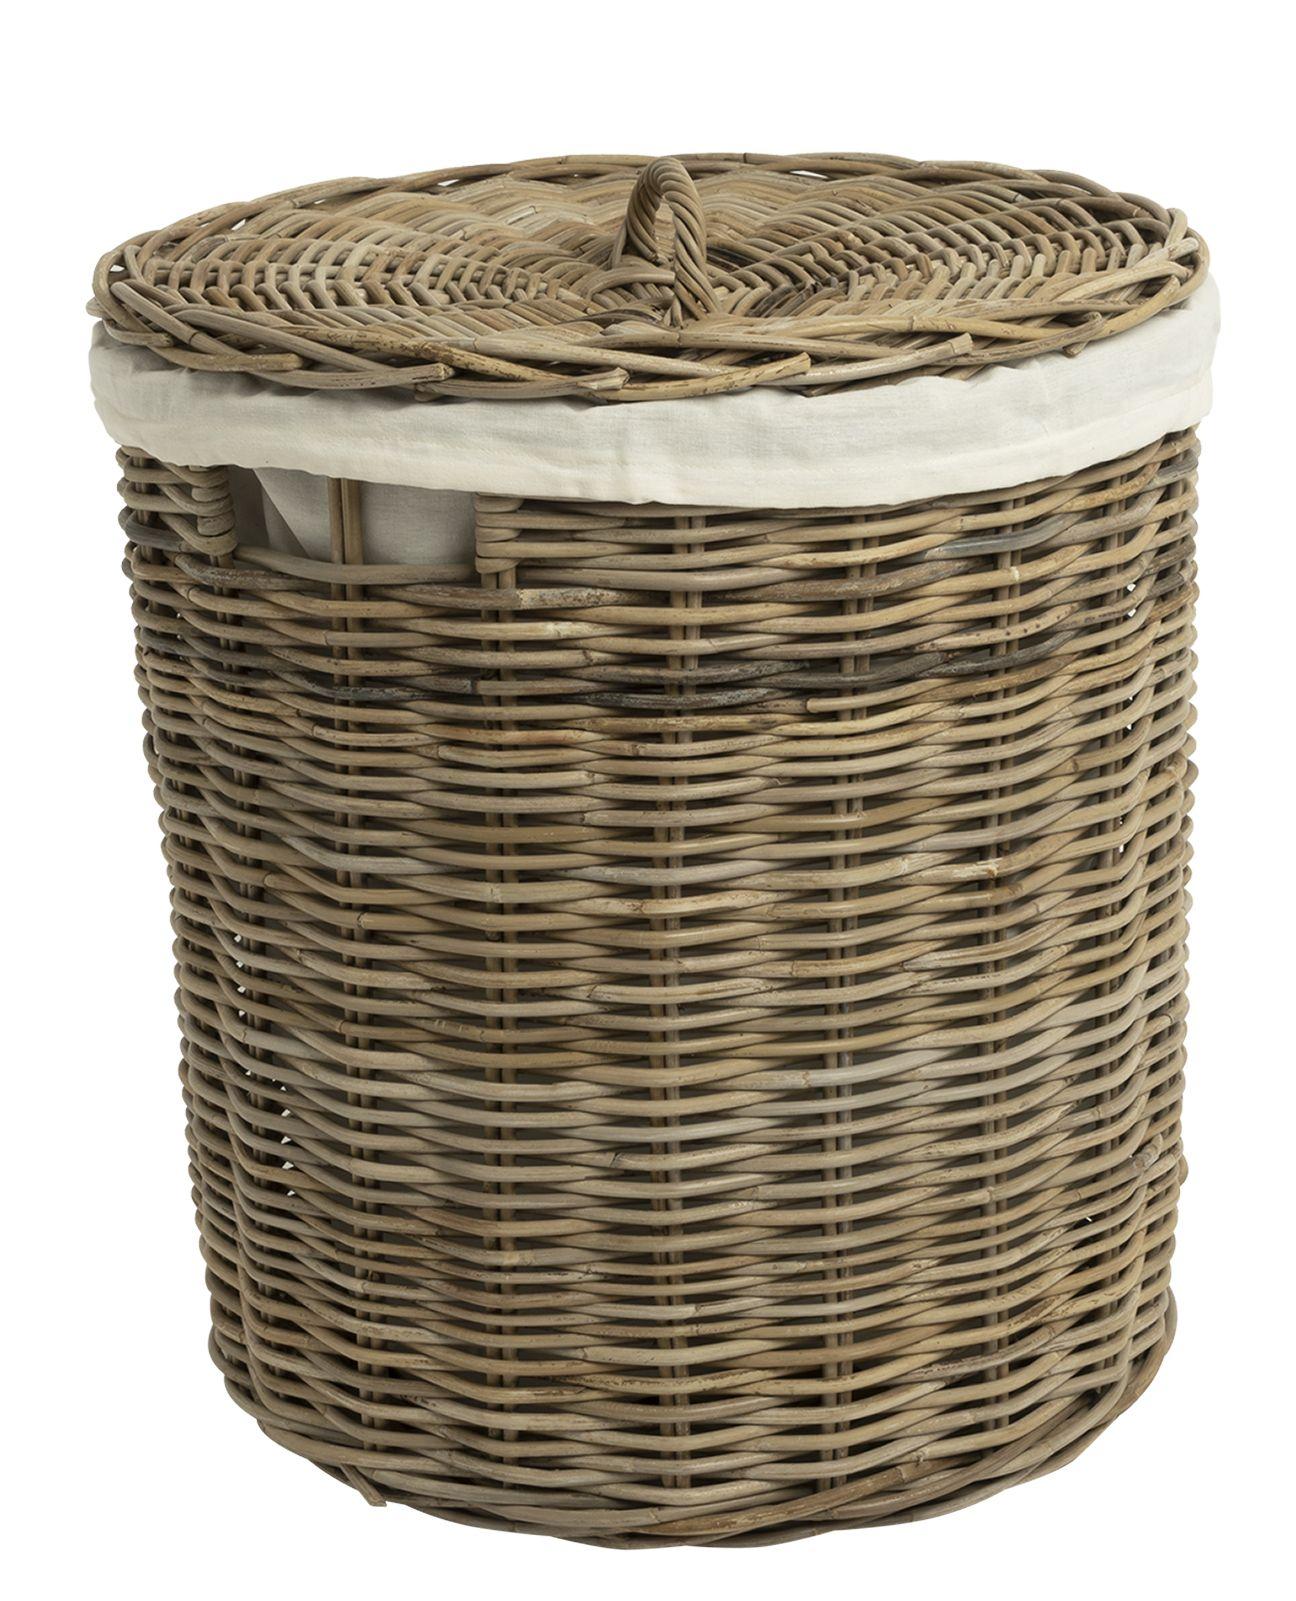 Wäschekorb Rattan Runde